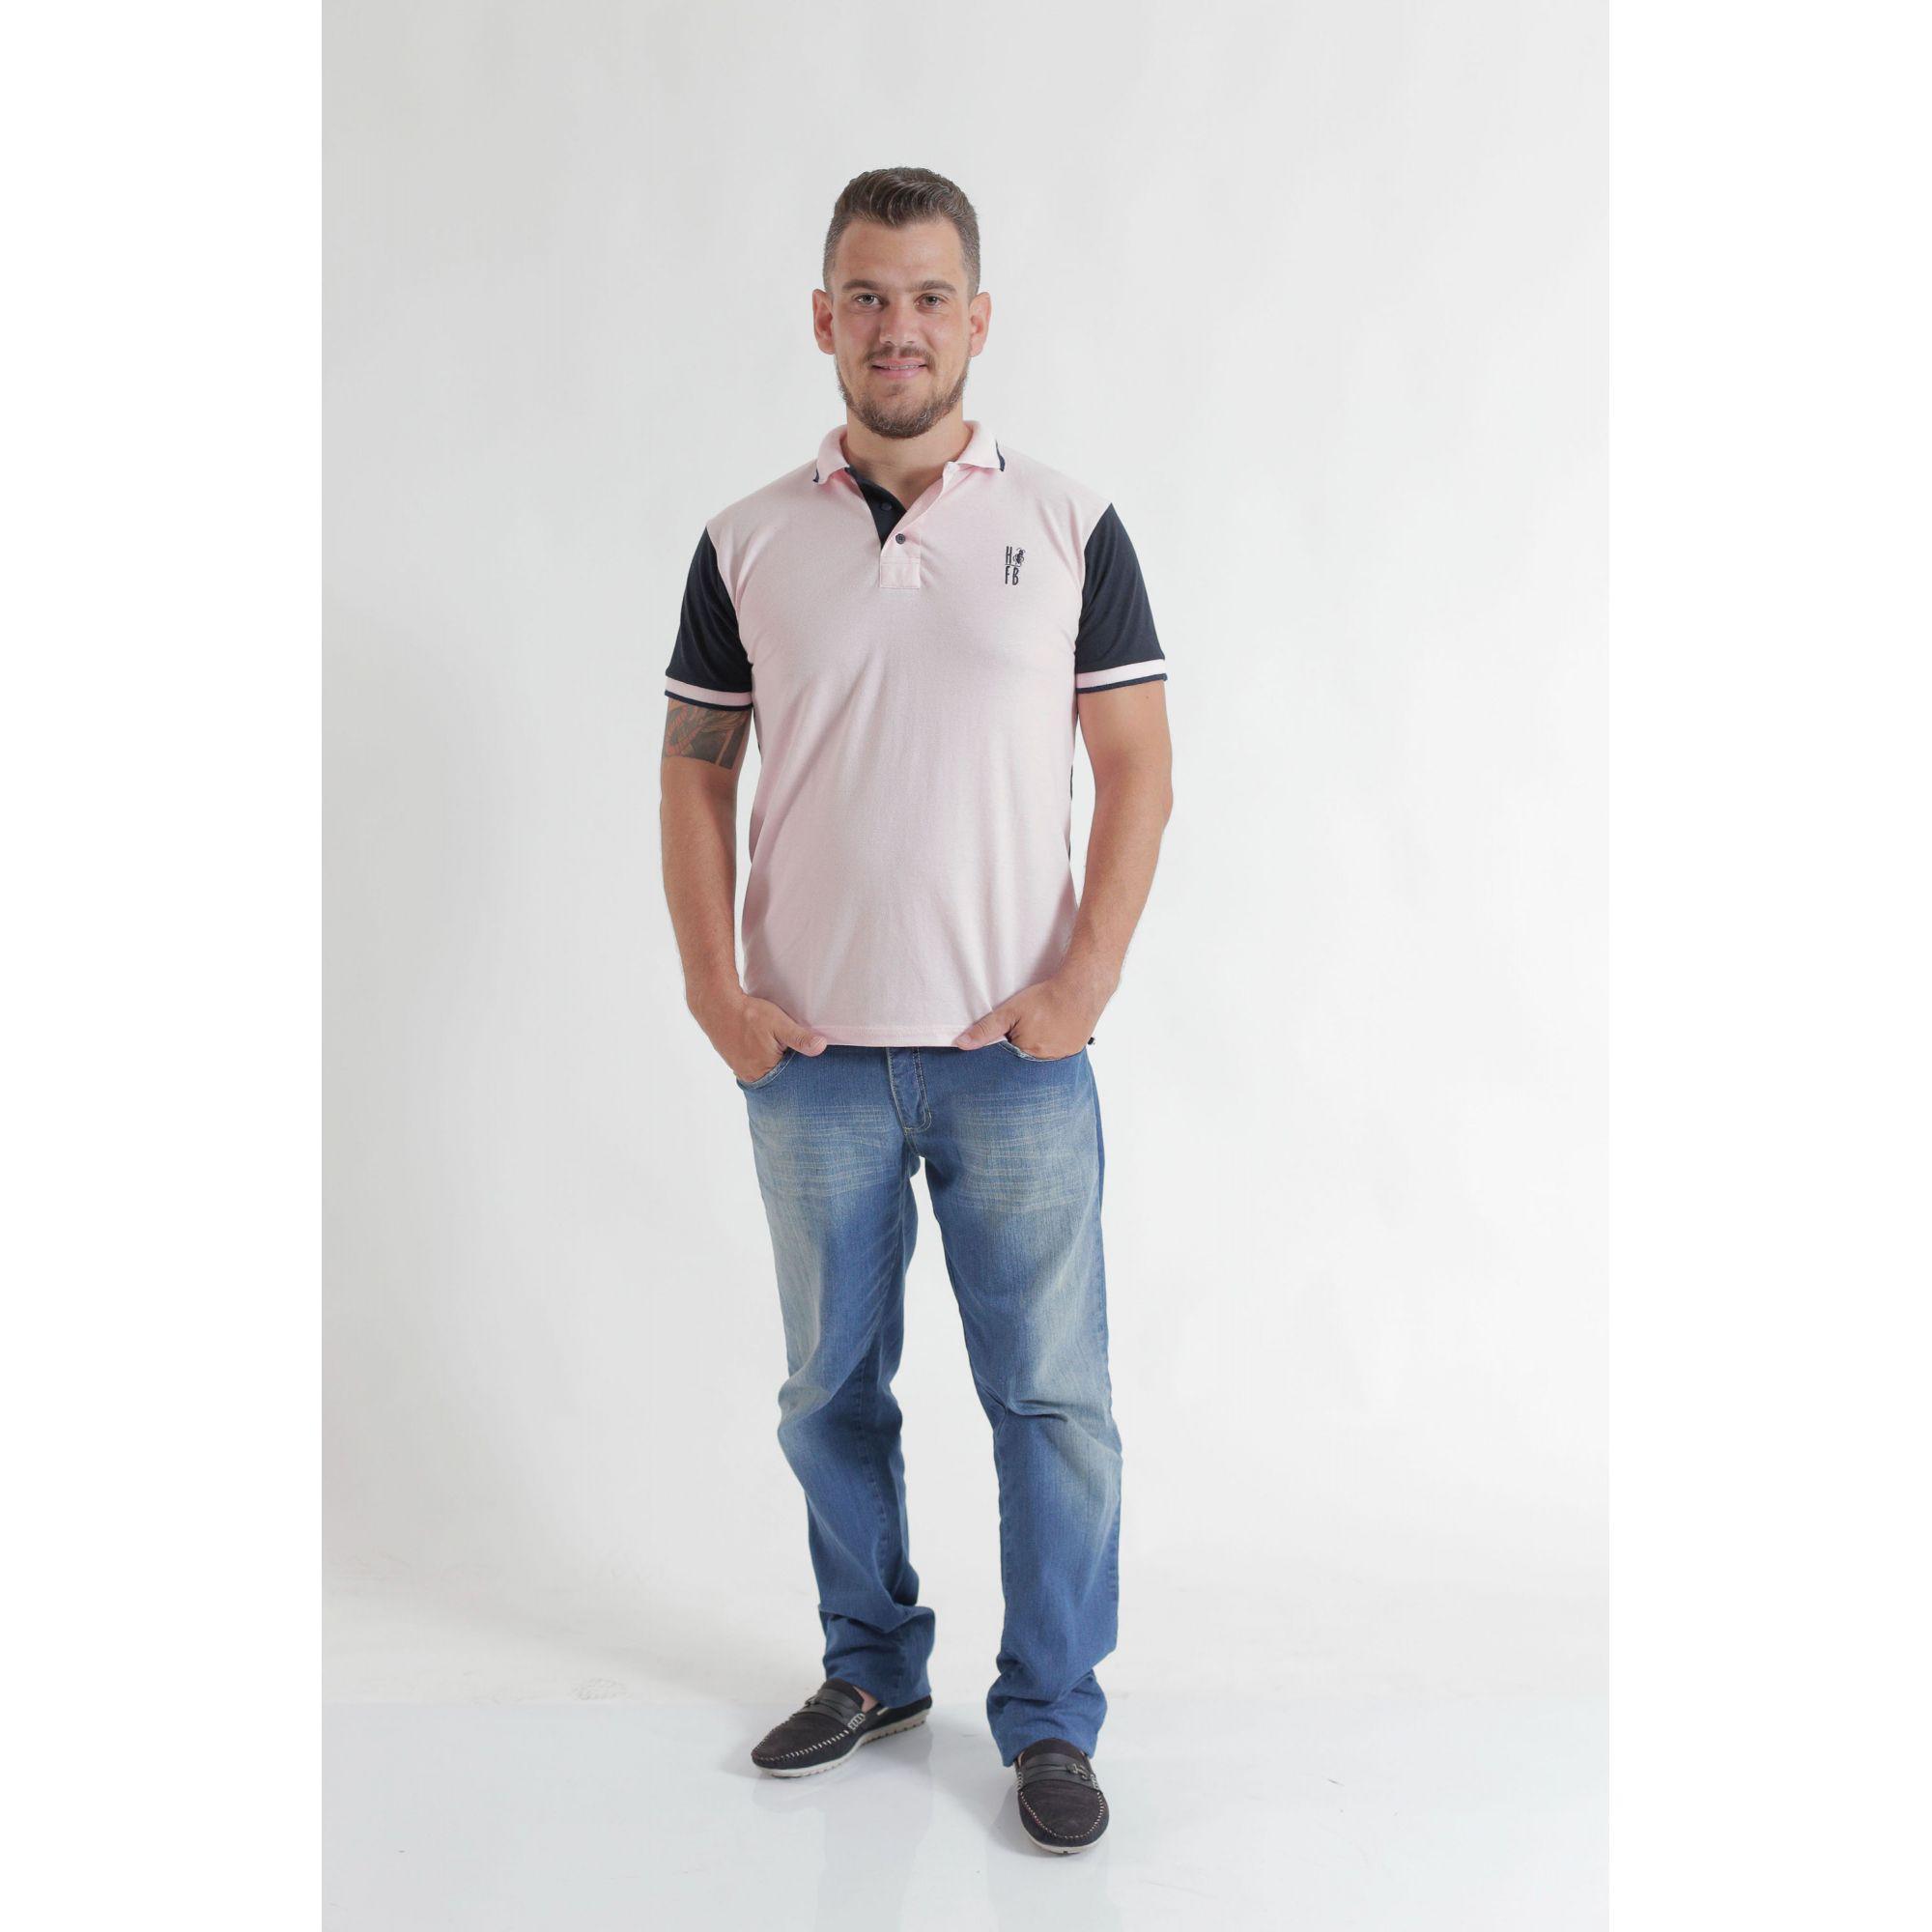 PAIS E FILHOS > Kit 3 peças Camisa e Vestidos Polo Rosa com Azul Marinho [Coleção Família]  - Heitor Fashion Brazil